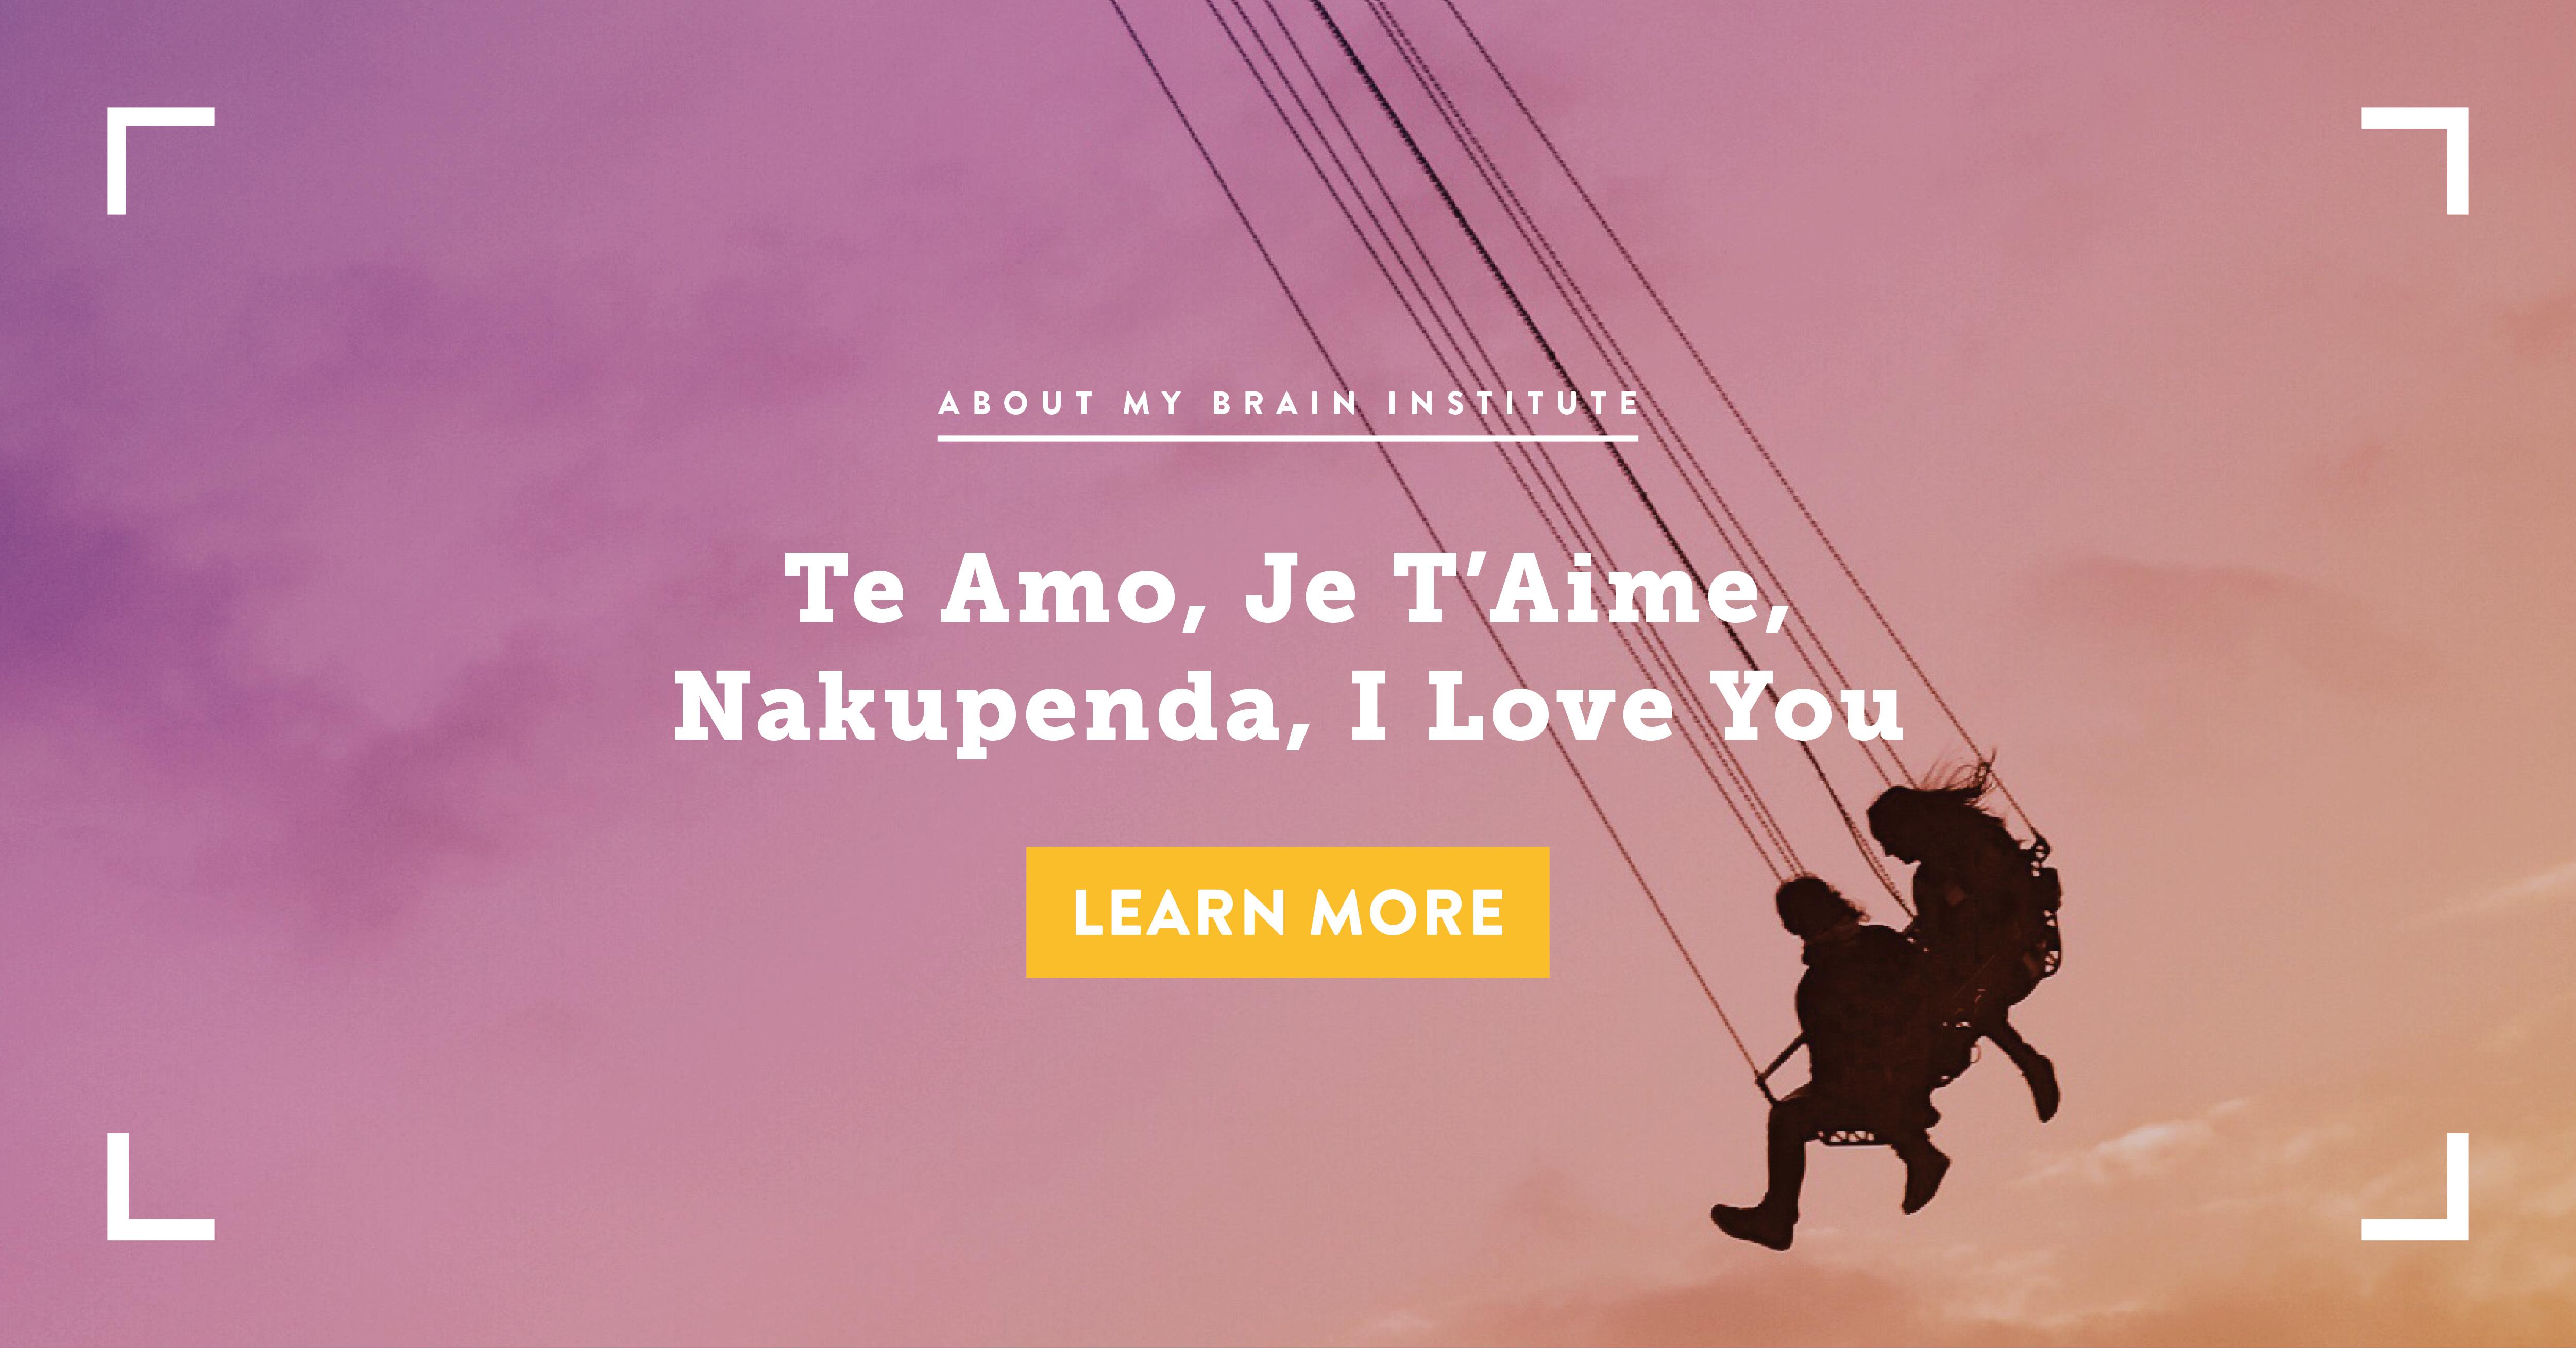 Te Amo, Je T'Aime, Nakupenda, I Love You